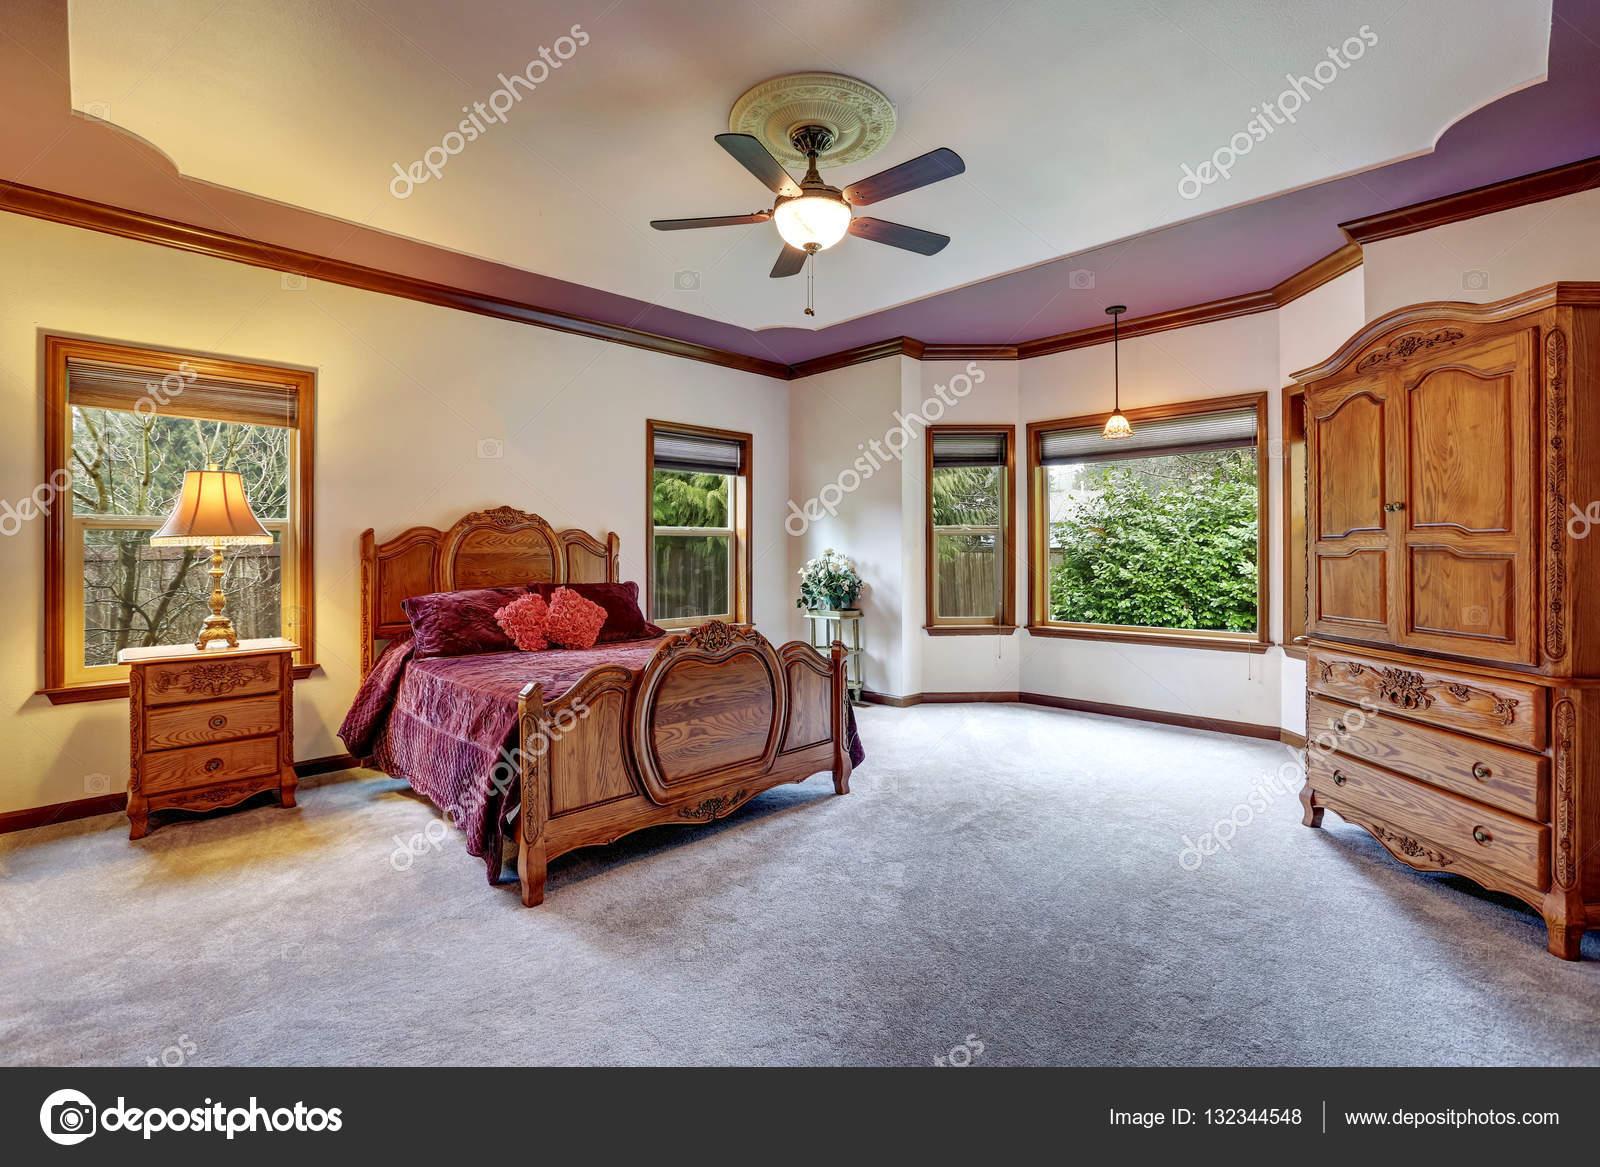 Slaapkamer Meubels Set : Slaapkamer interieur met antieke meubelen set u stockfoto